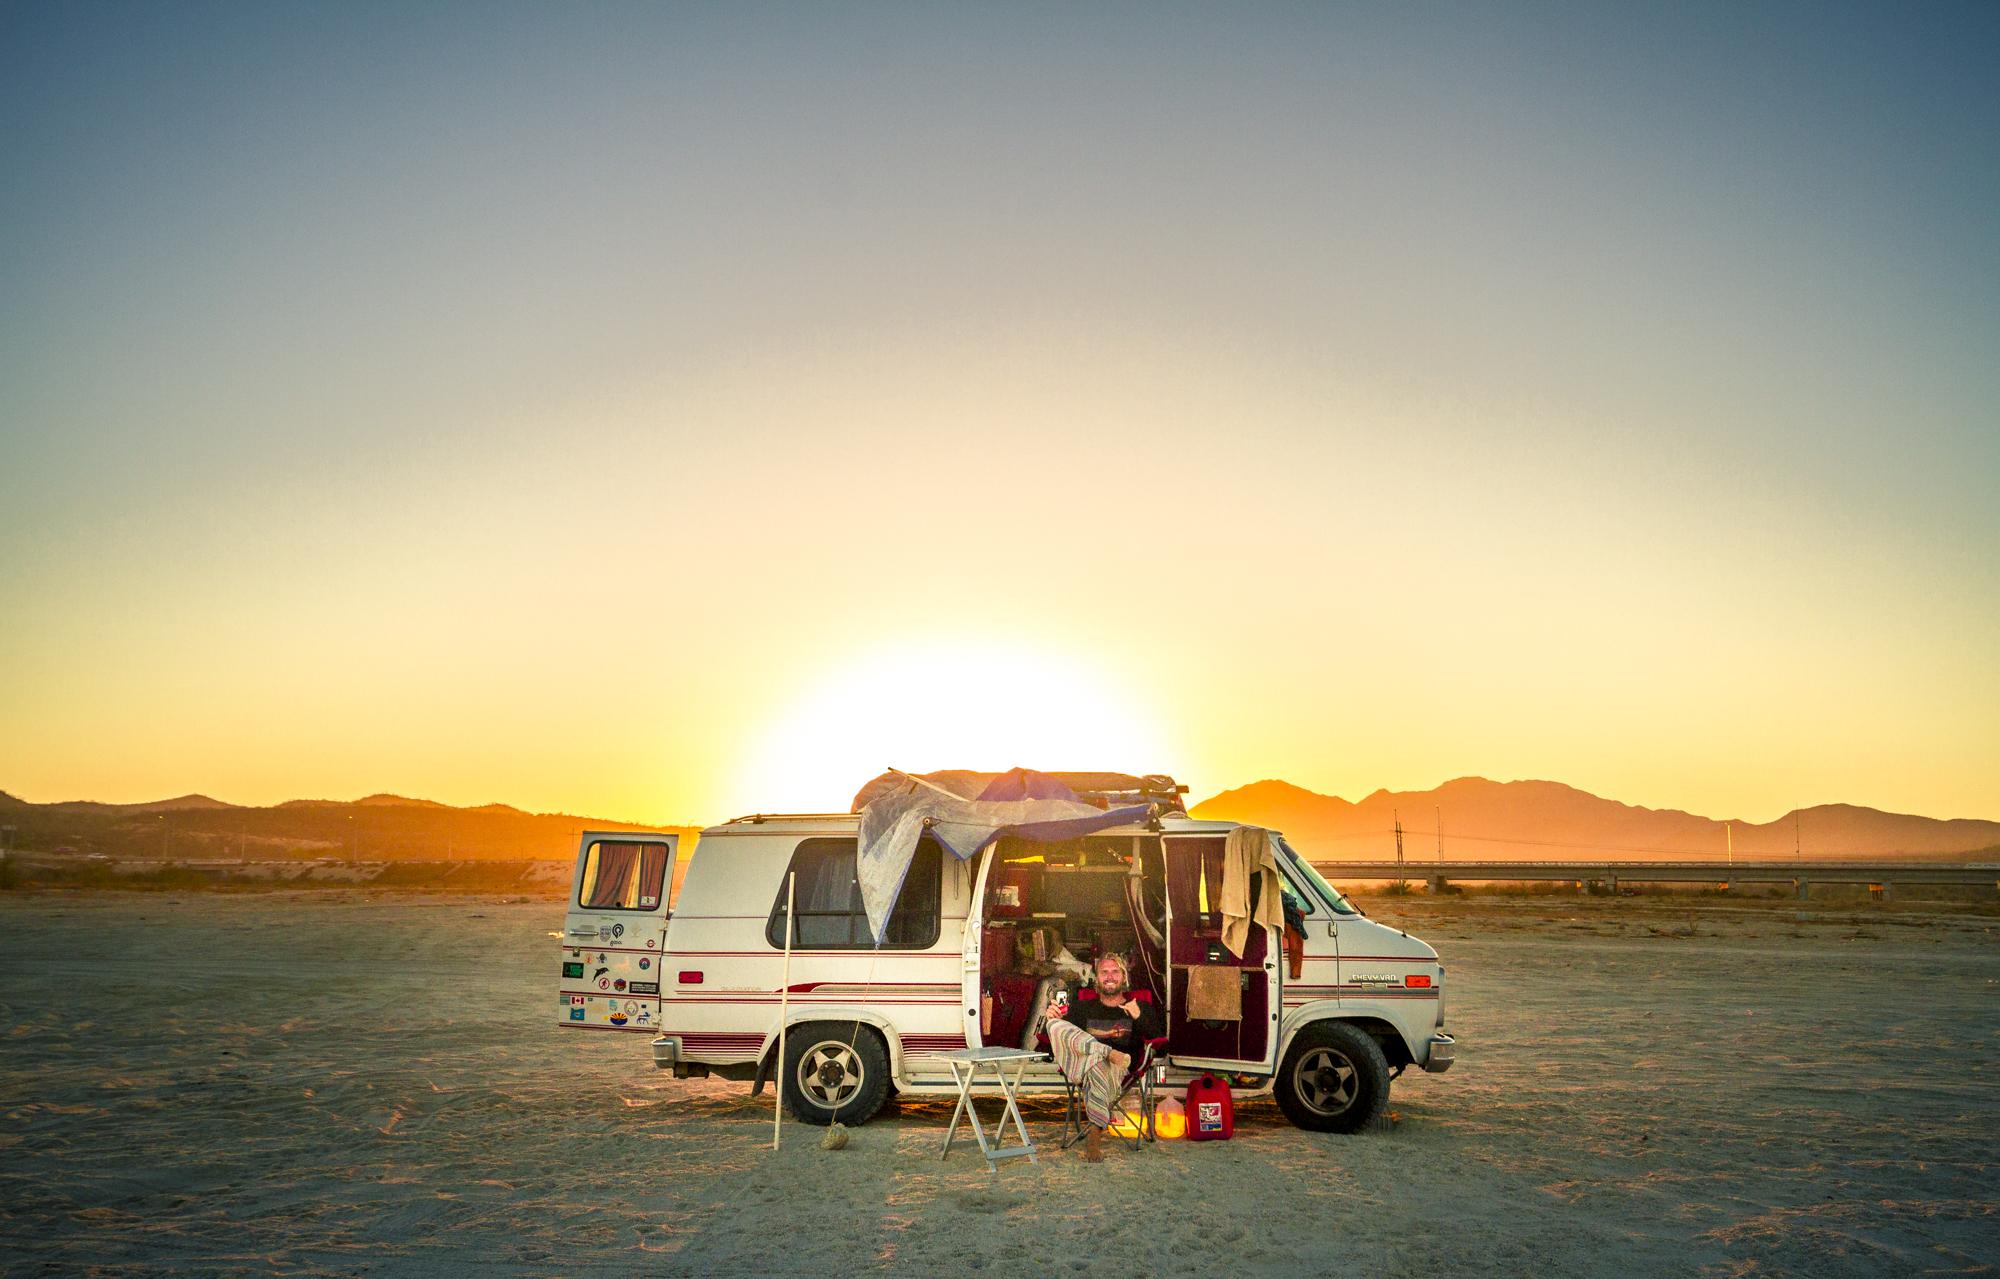 Van charging under the sun.